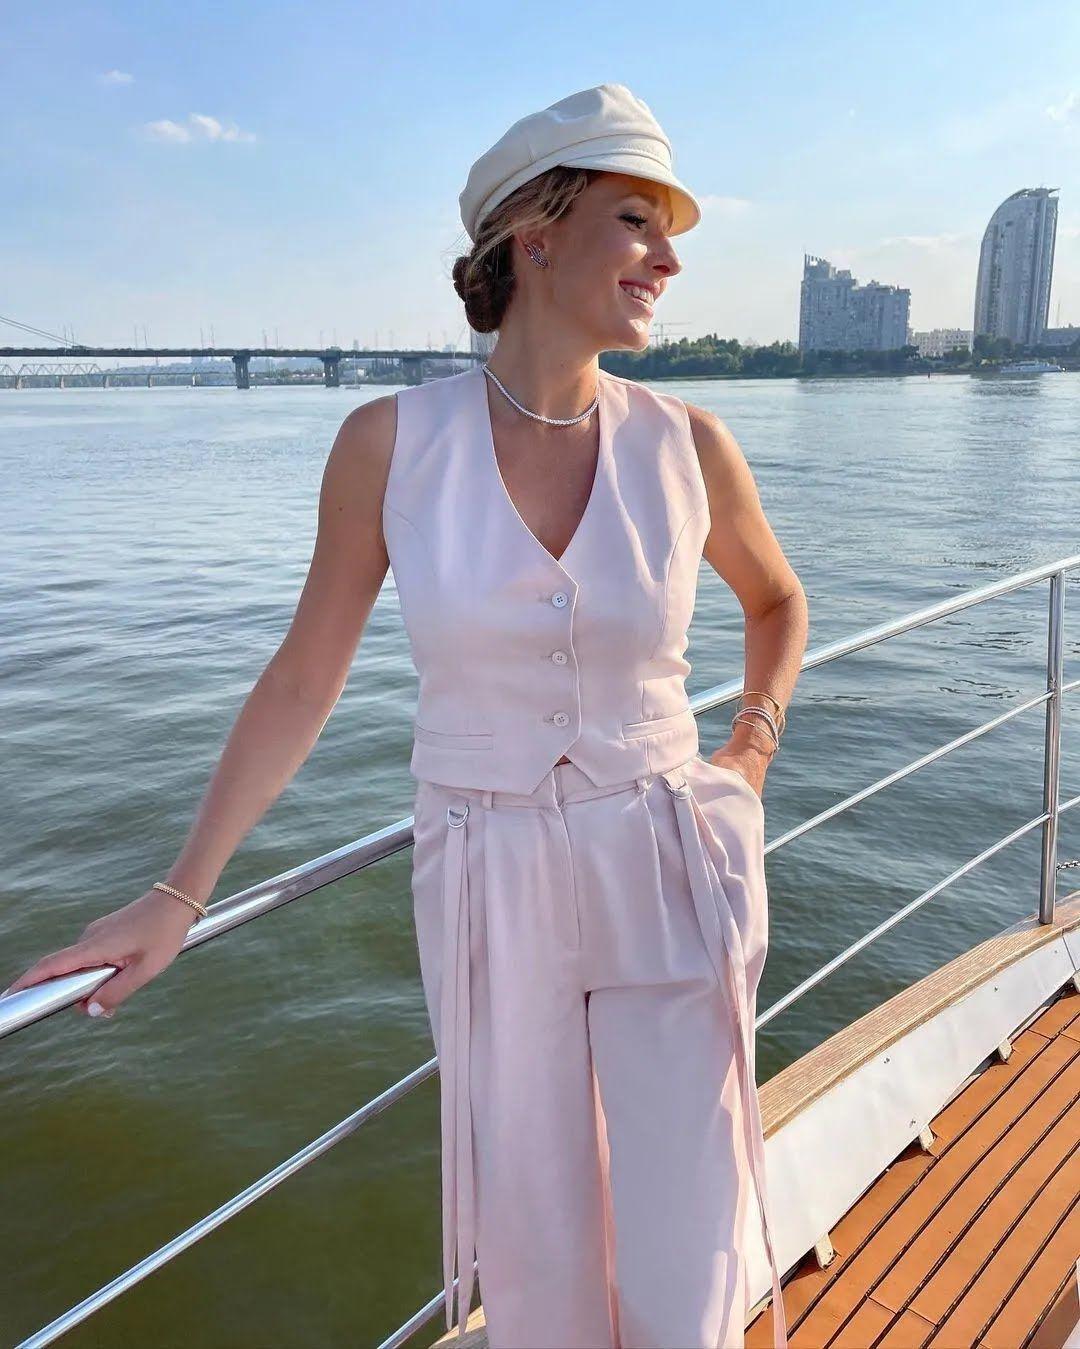 Катерина Осадча на яхті в світлому образі.